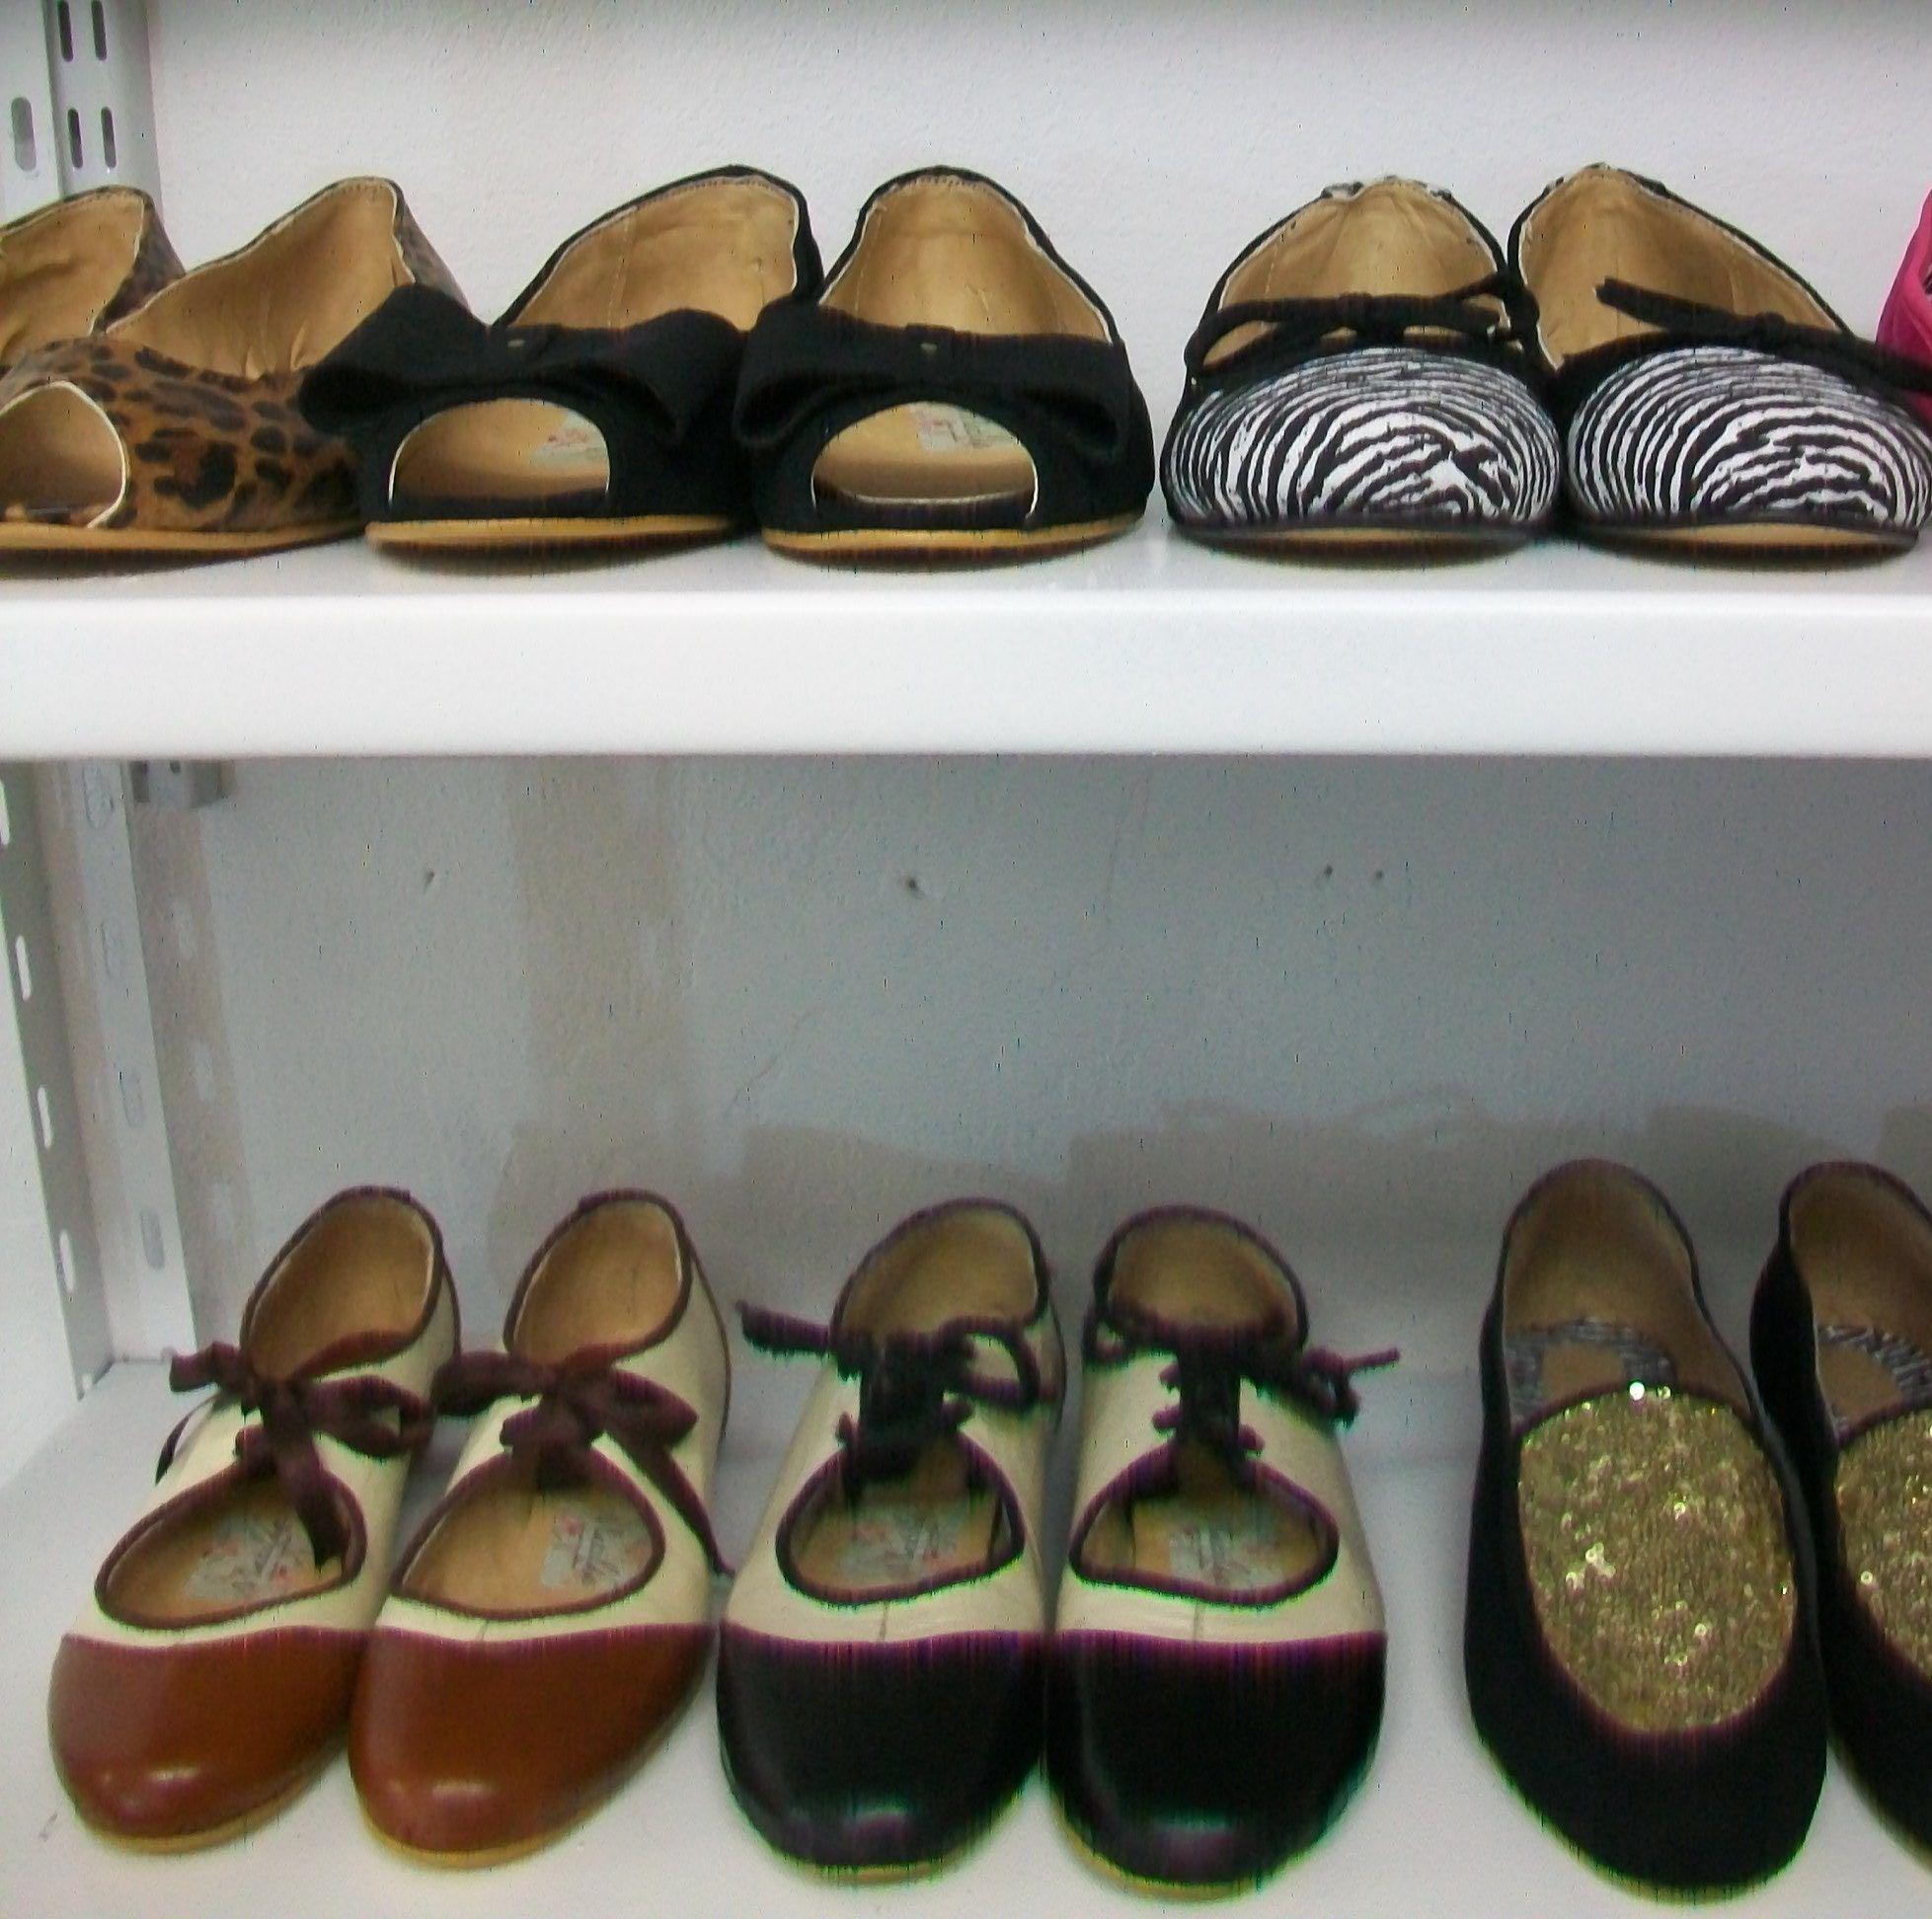 En las estanter as se secan los zapatos para encajarlos taller de calzado - Estanterias para calzado ...